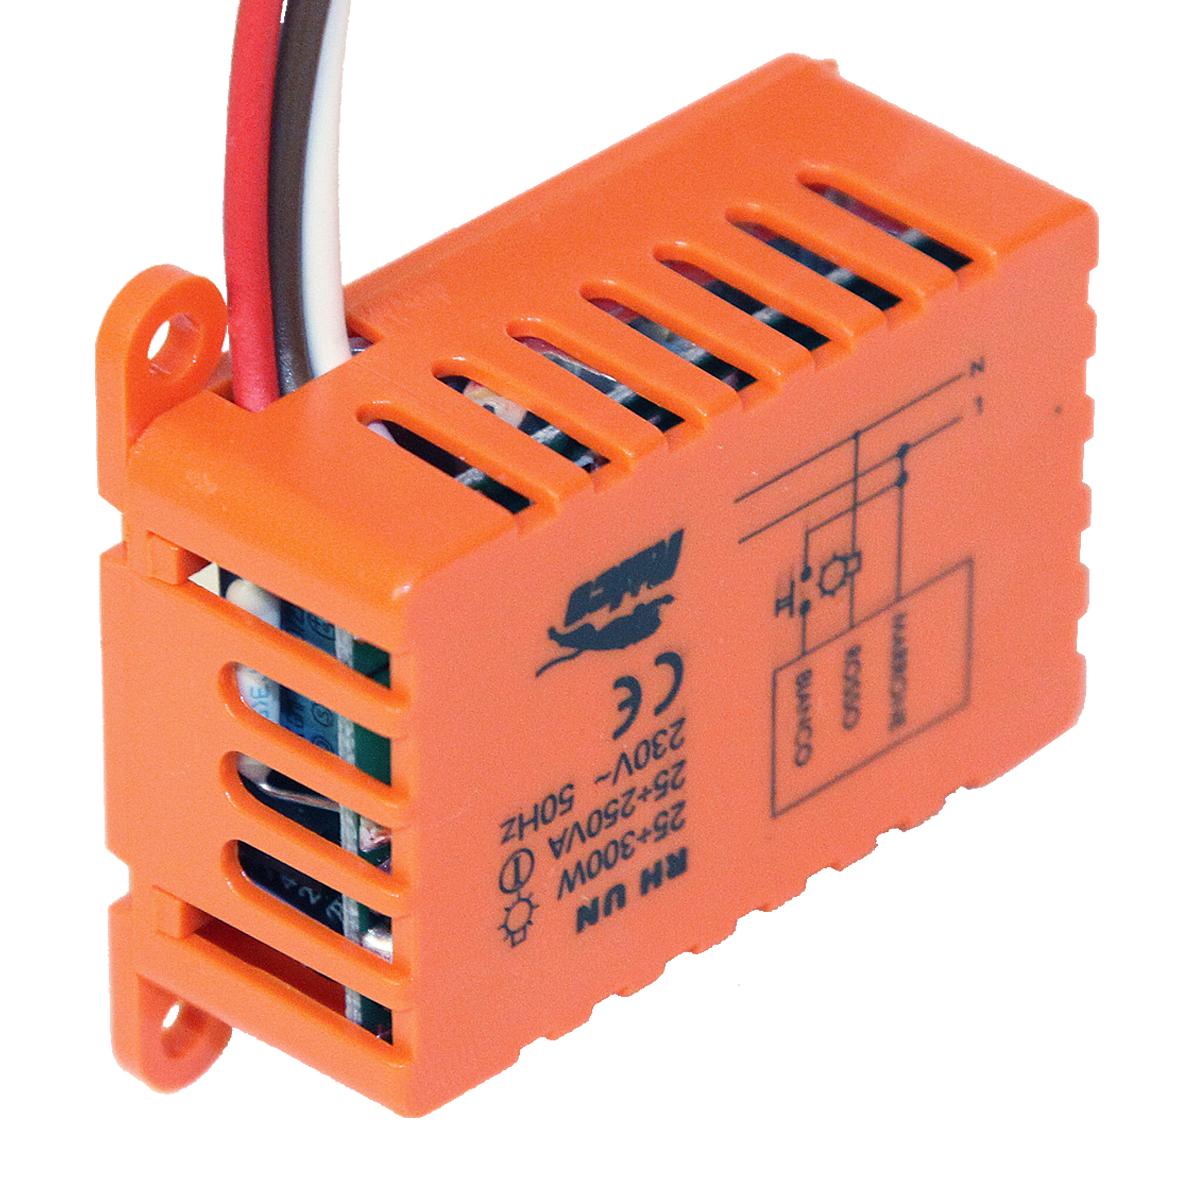 1 Stk Unterputz Dimmer für Tastersteuerung RLC 300W 1M ET103003--